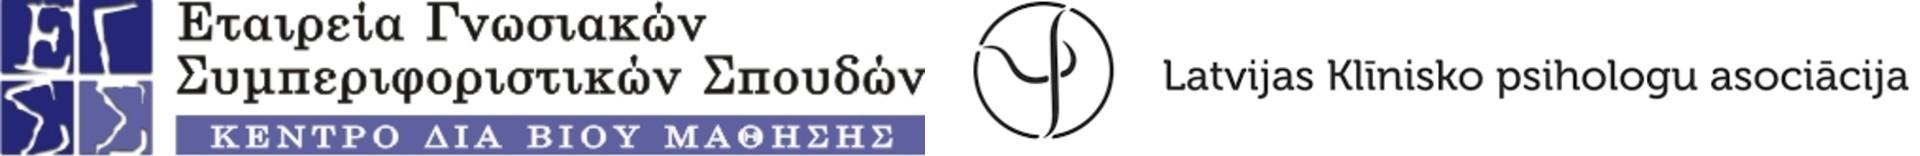 Συνεργασία της Εταιρείας Γνωσιακών Συμπεριφοριστικών Σπουδών με την Εταιρεία Κλινικής Ψυχολογίας της Λετονίας